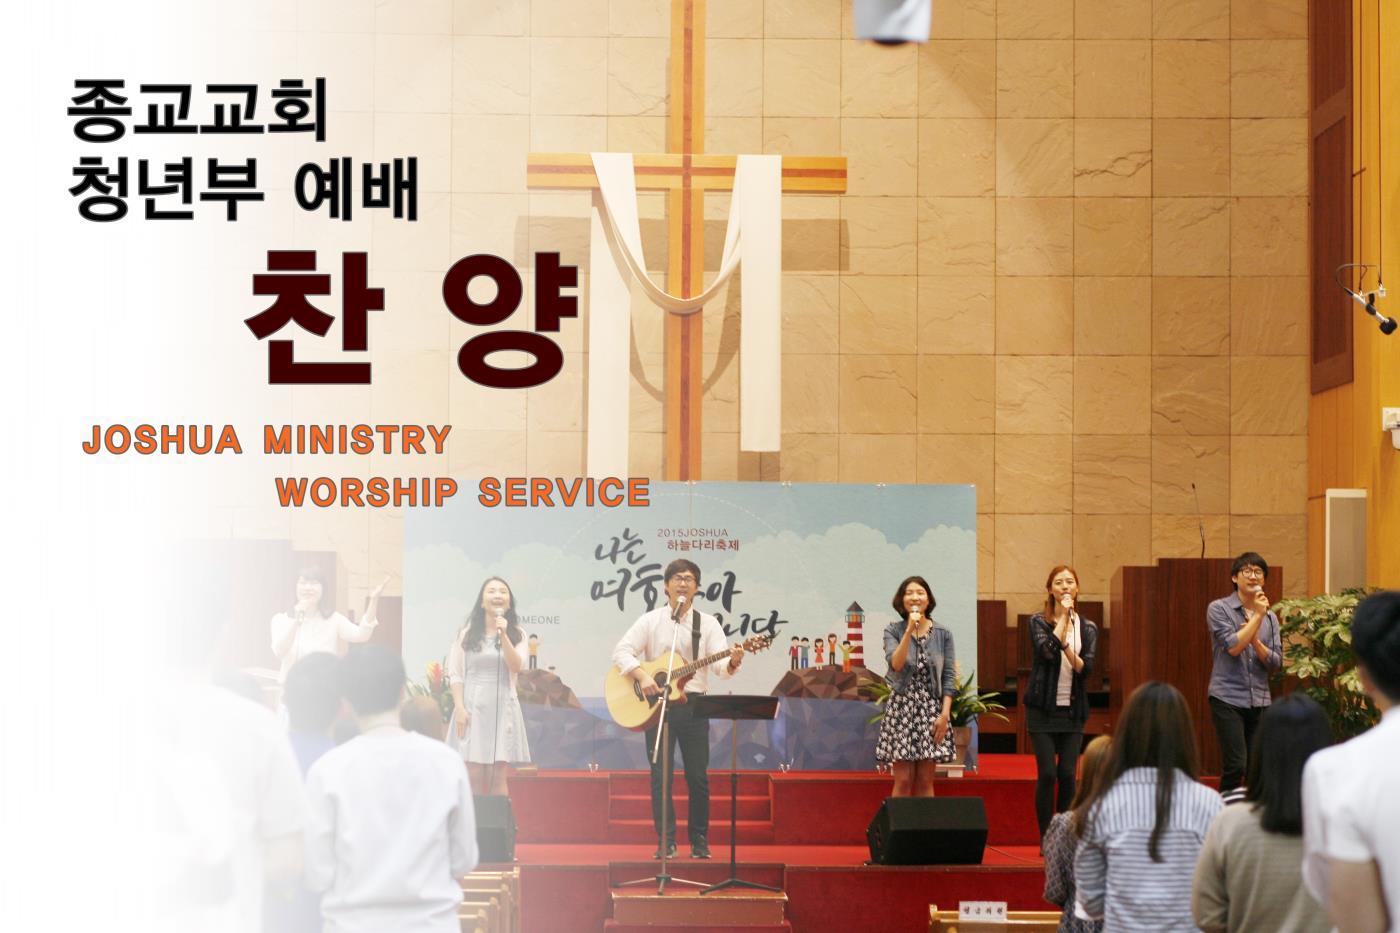 종교교회 청년부 찬양